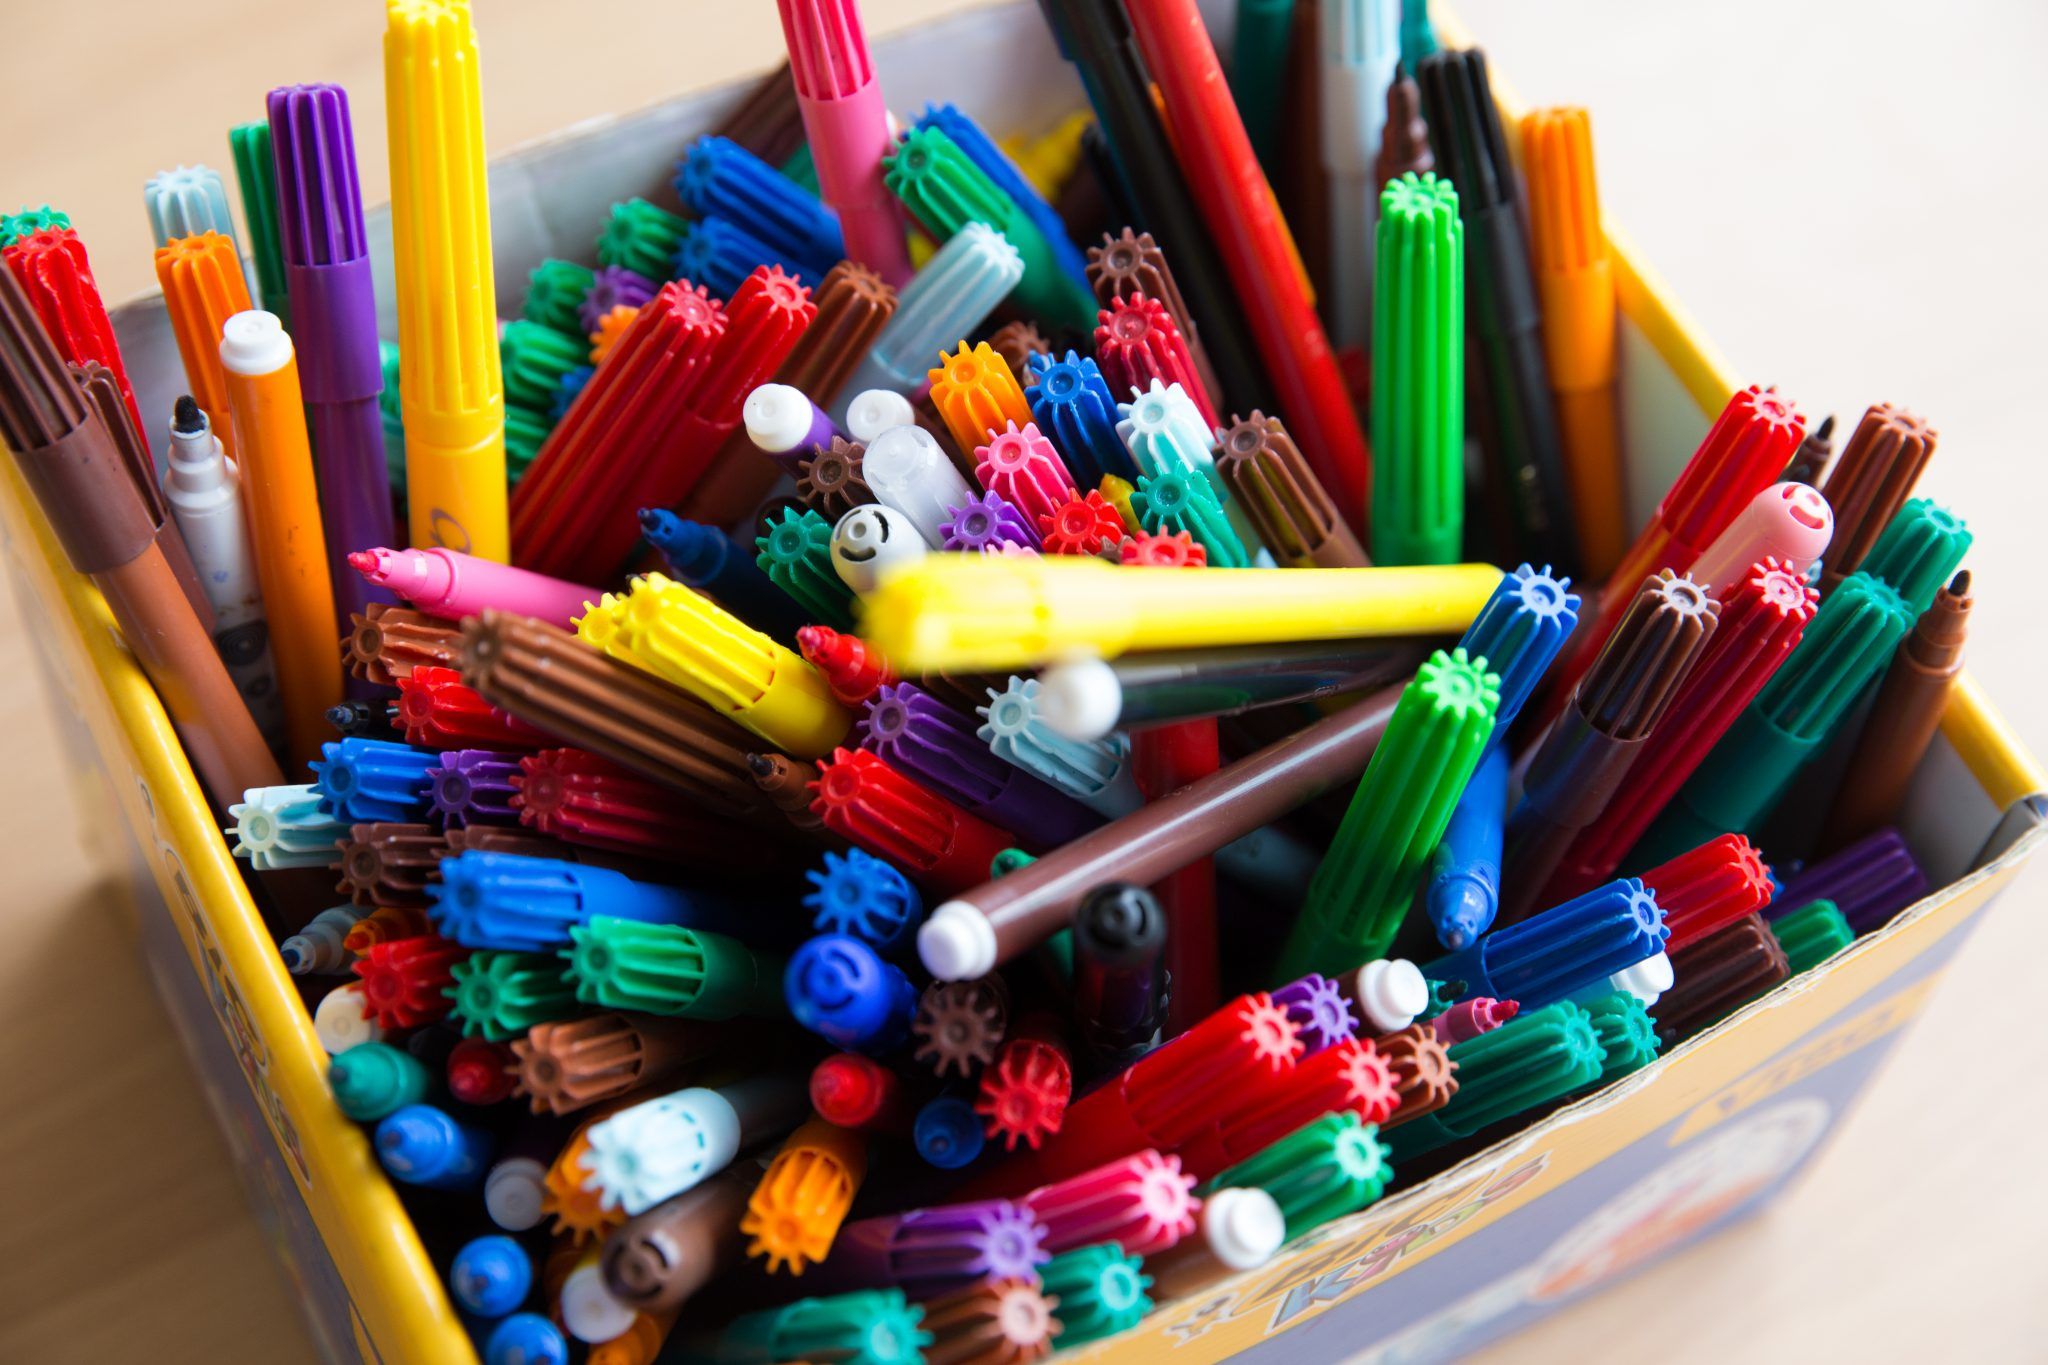 Stiften in bak